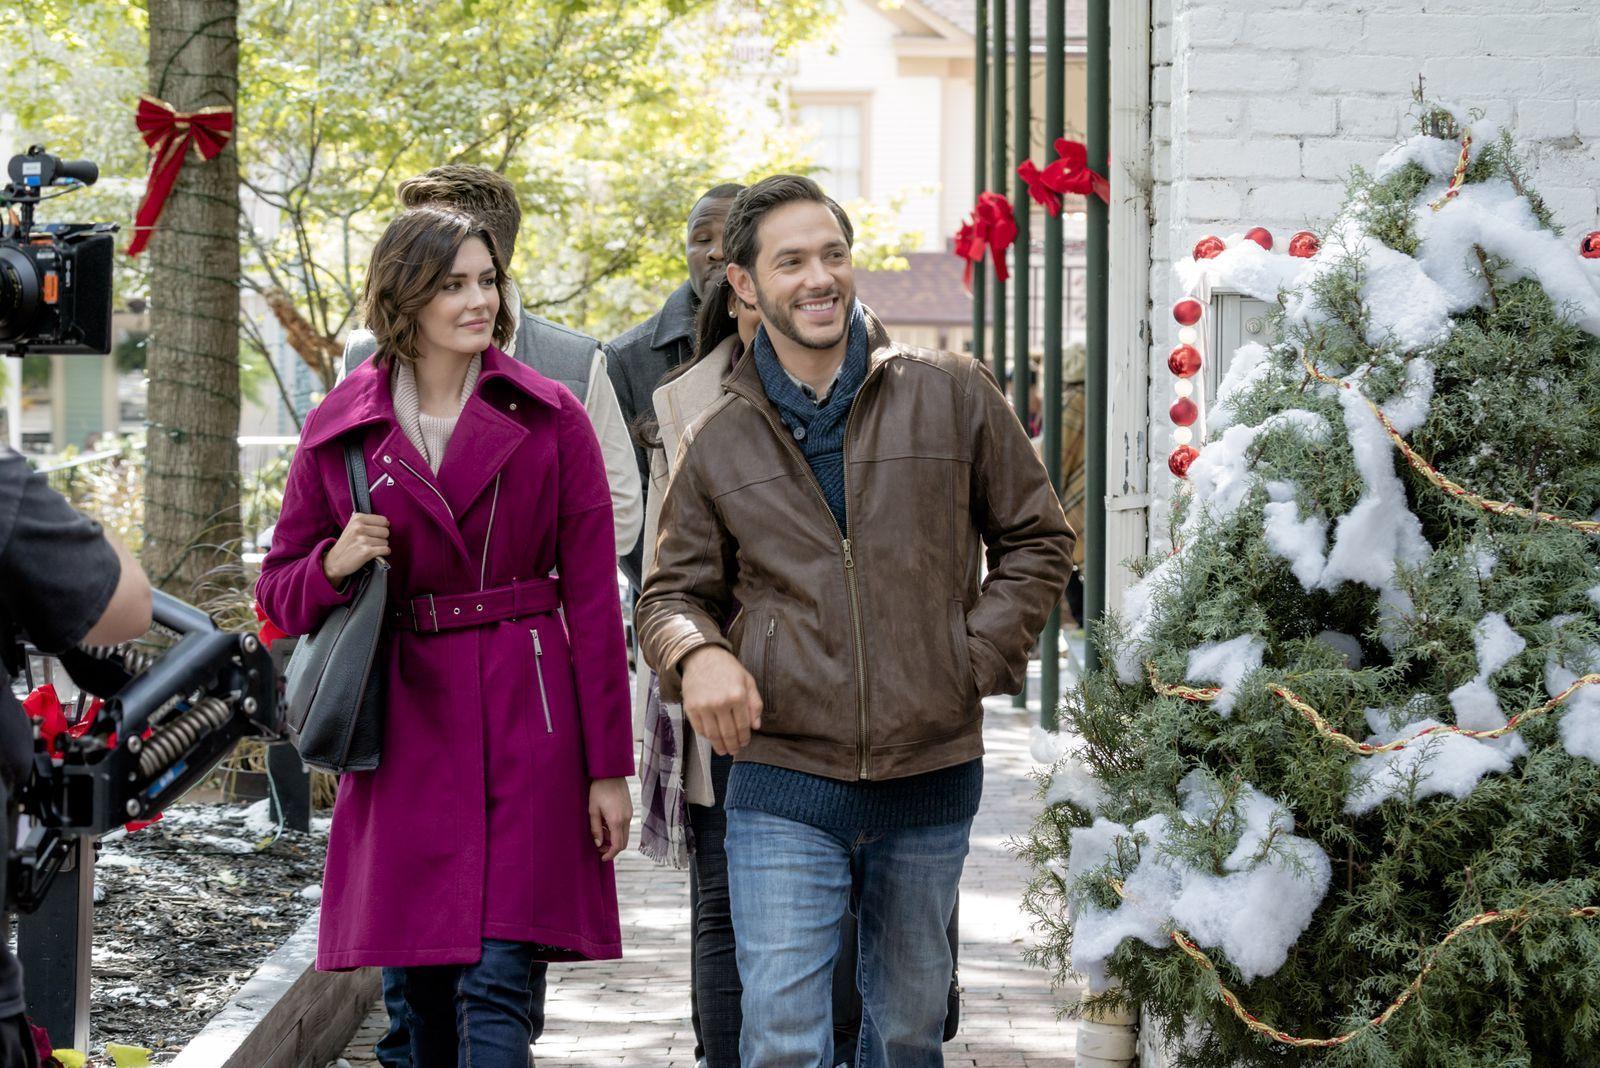 6 Hallmark Christmas Movies Filmed In RealLife Small